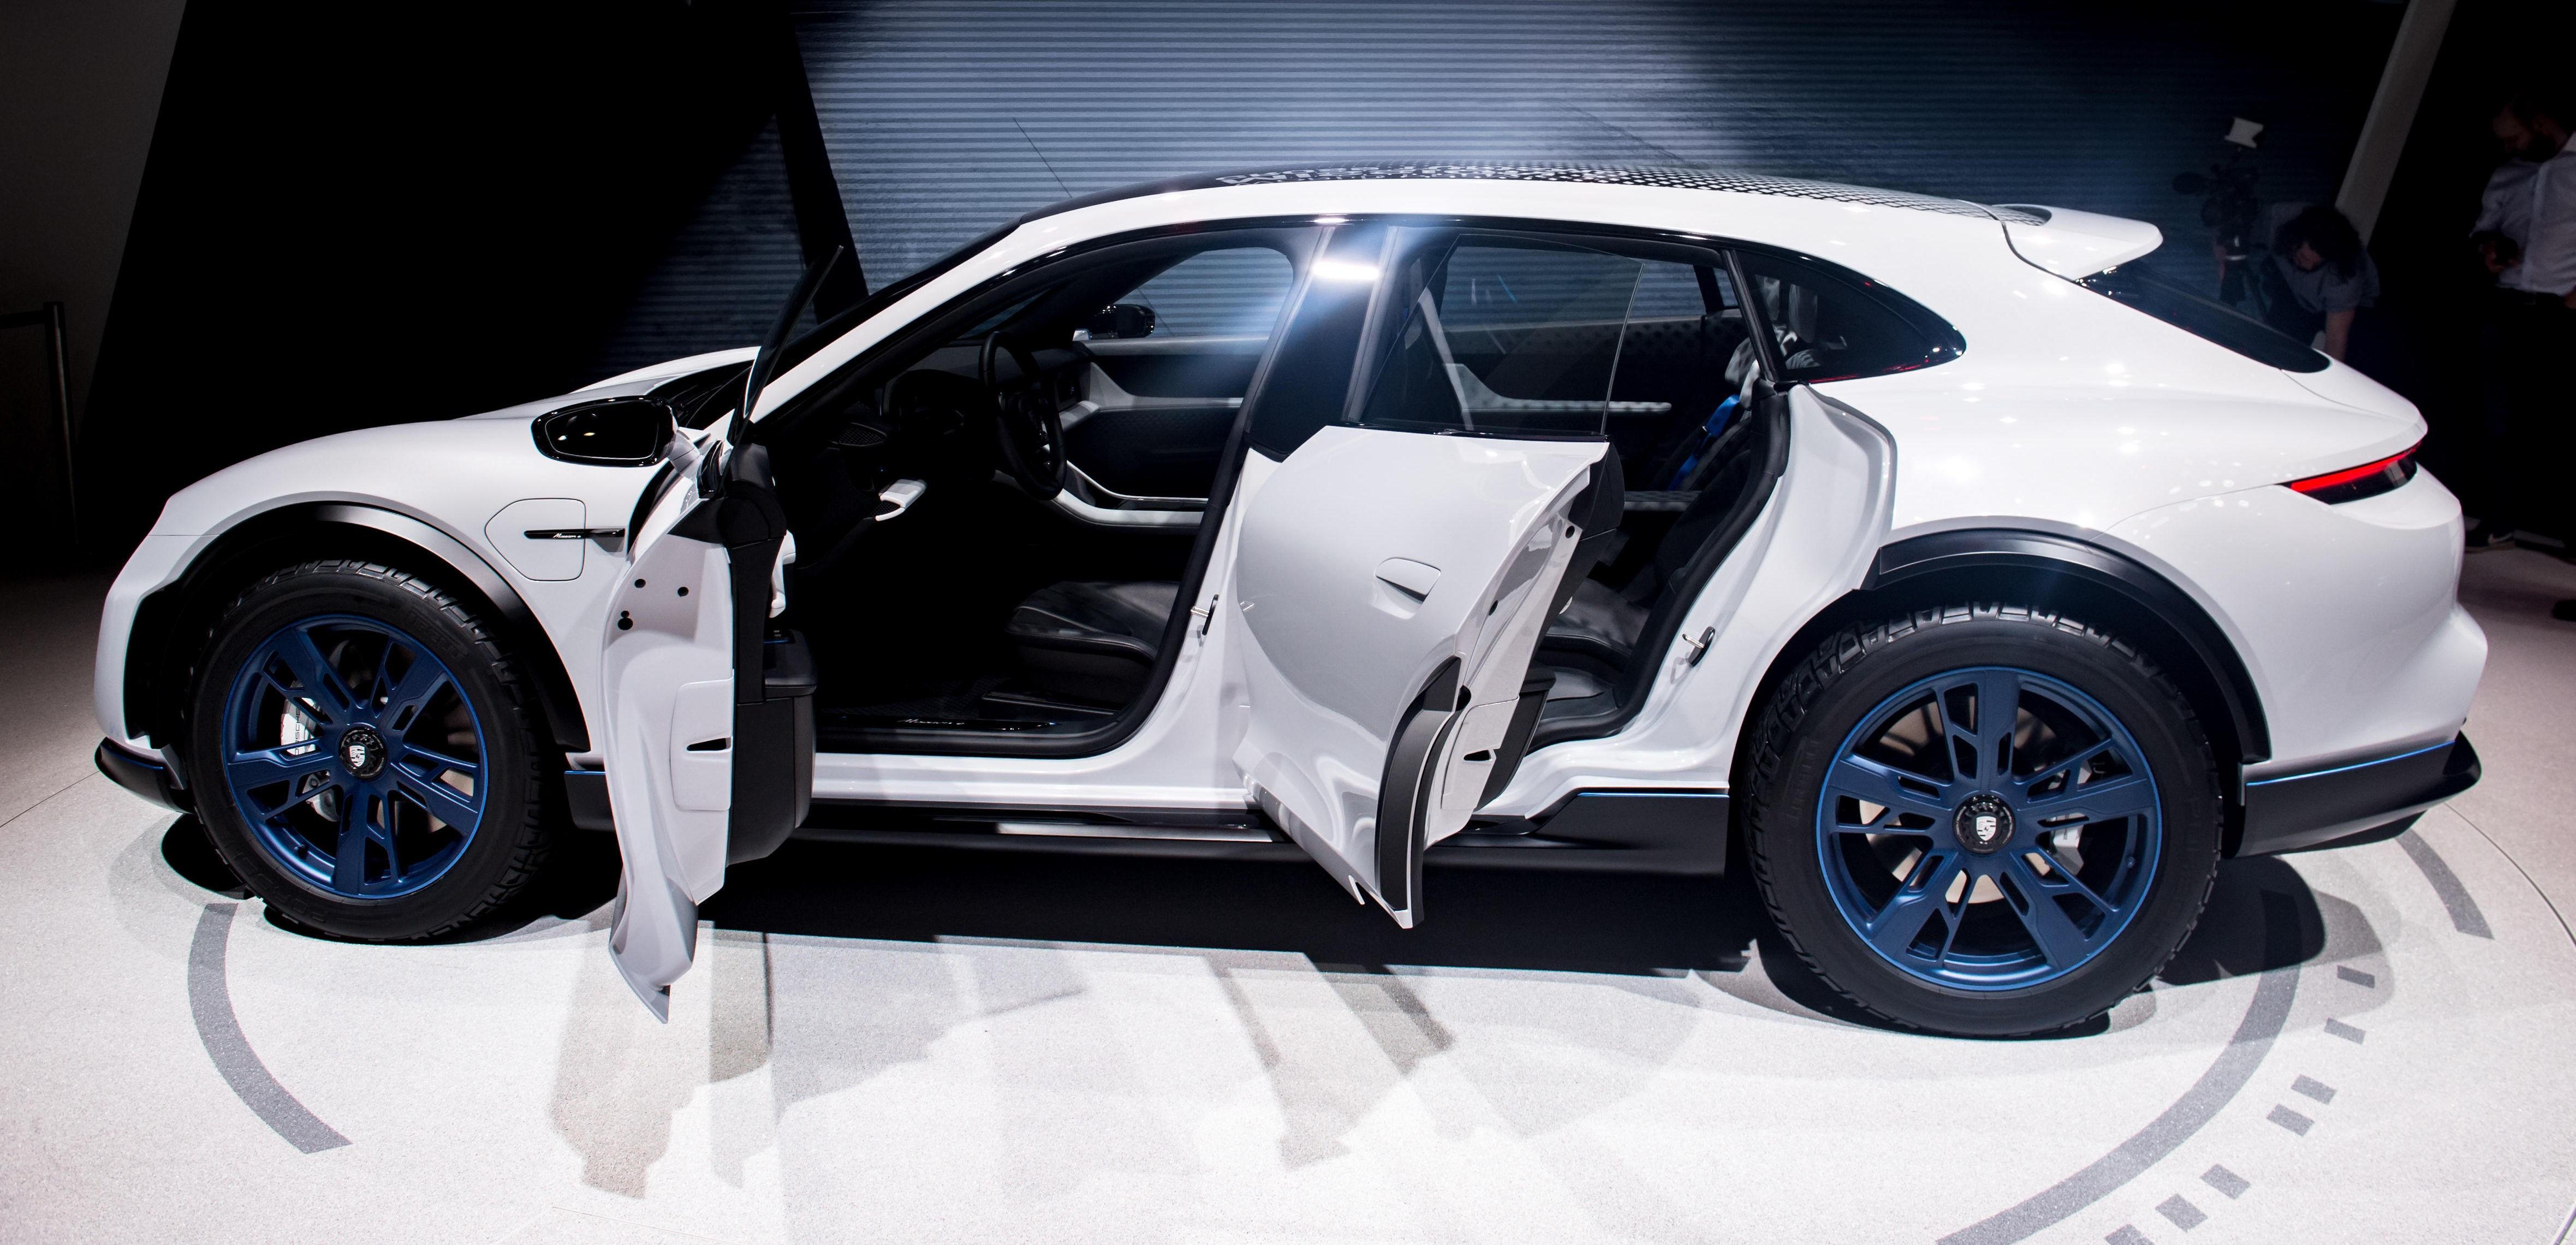 PRIS OG LANSERINGSDATO er ikke avduket for Porsche Mission E Cross Turismo. Men den ser ut som en drømmebil for nordmenn.